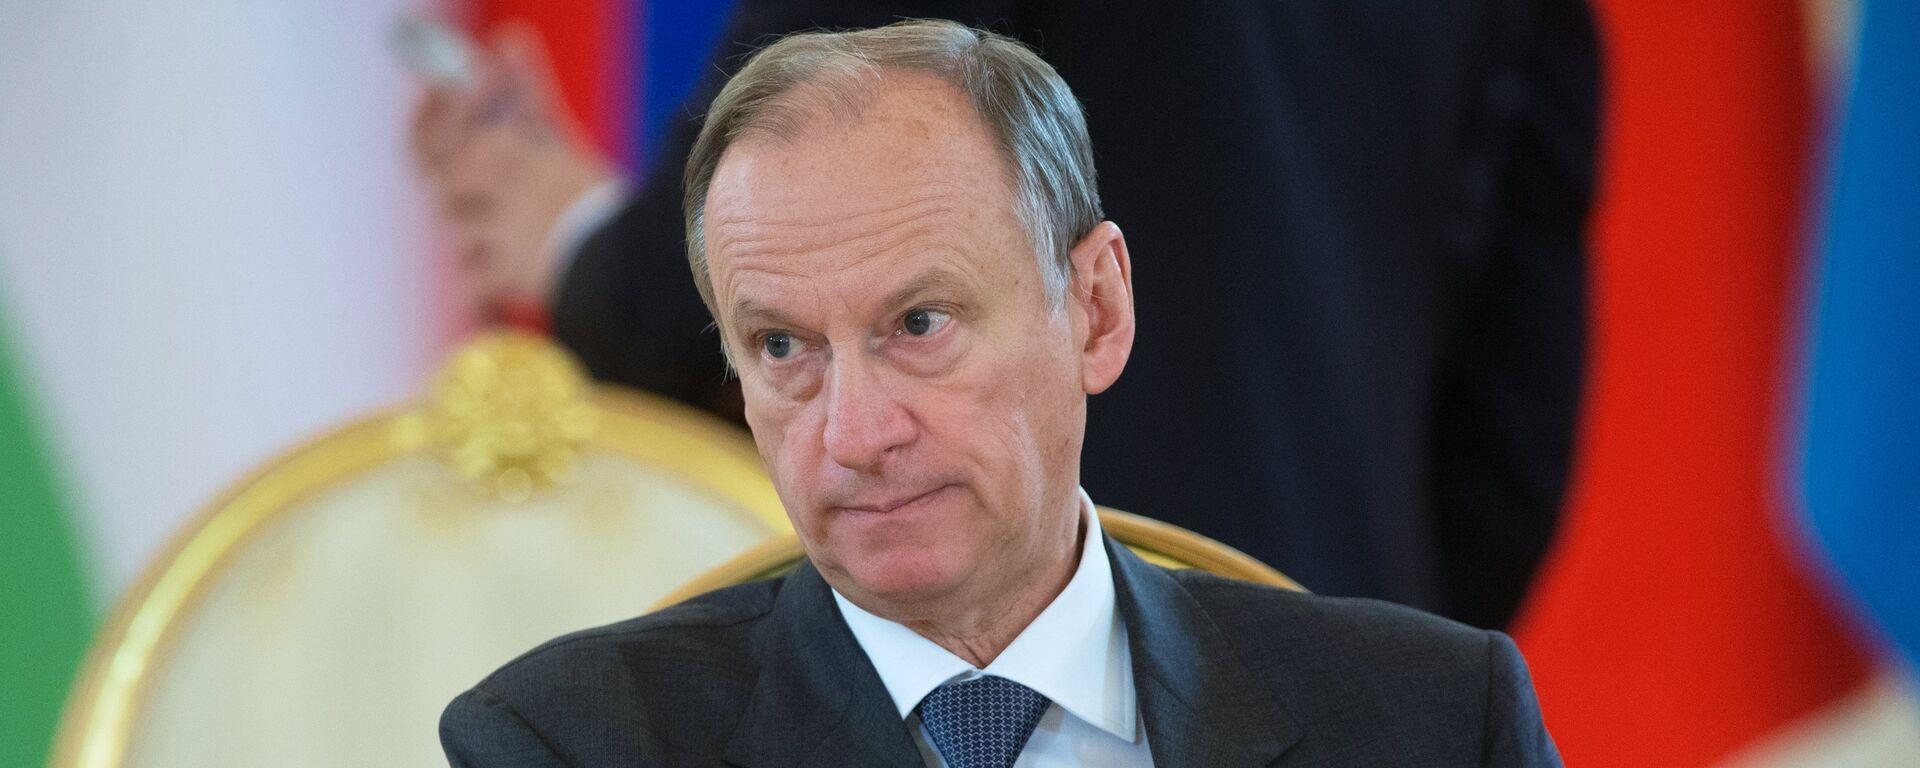 Ο επικεφαλής του ρωσικού Συμβουλίου Ασφαλείας, Νικολάι Πατρούσεφ - Sputnik Ελλάδα, 1920, 21.09.2021